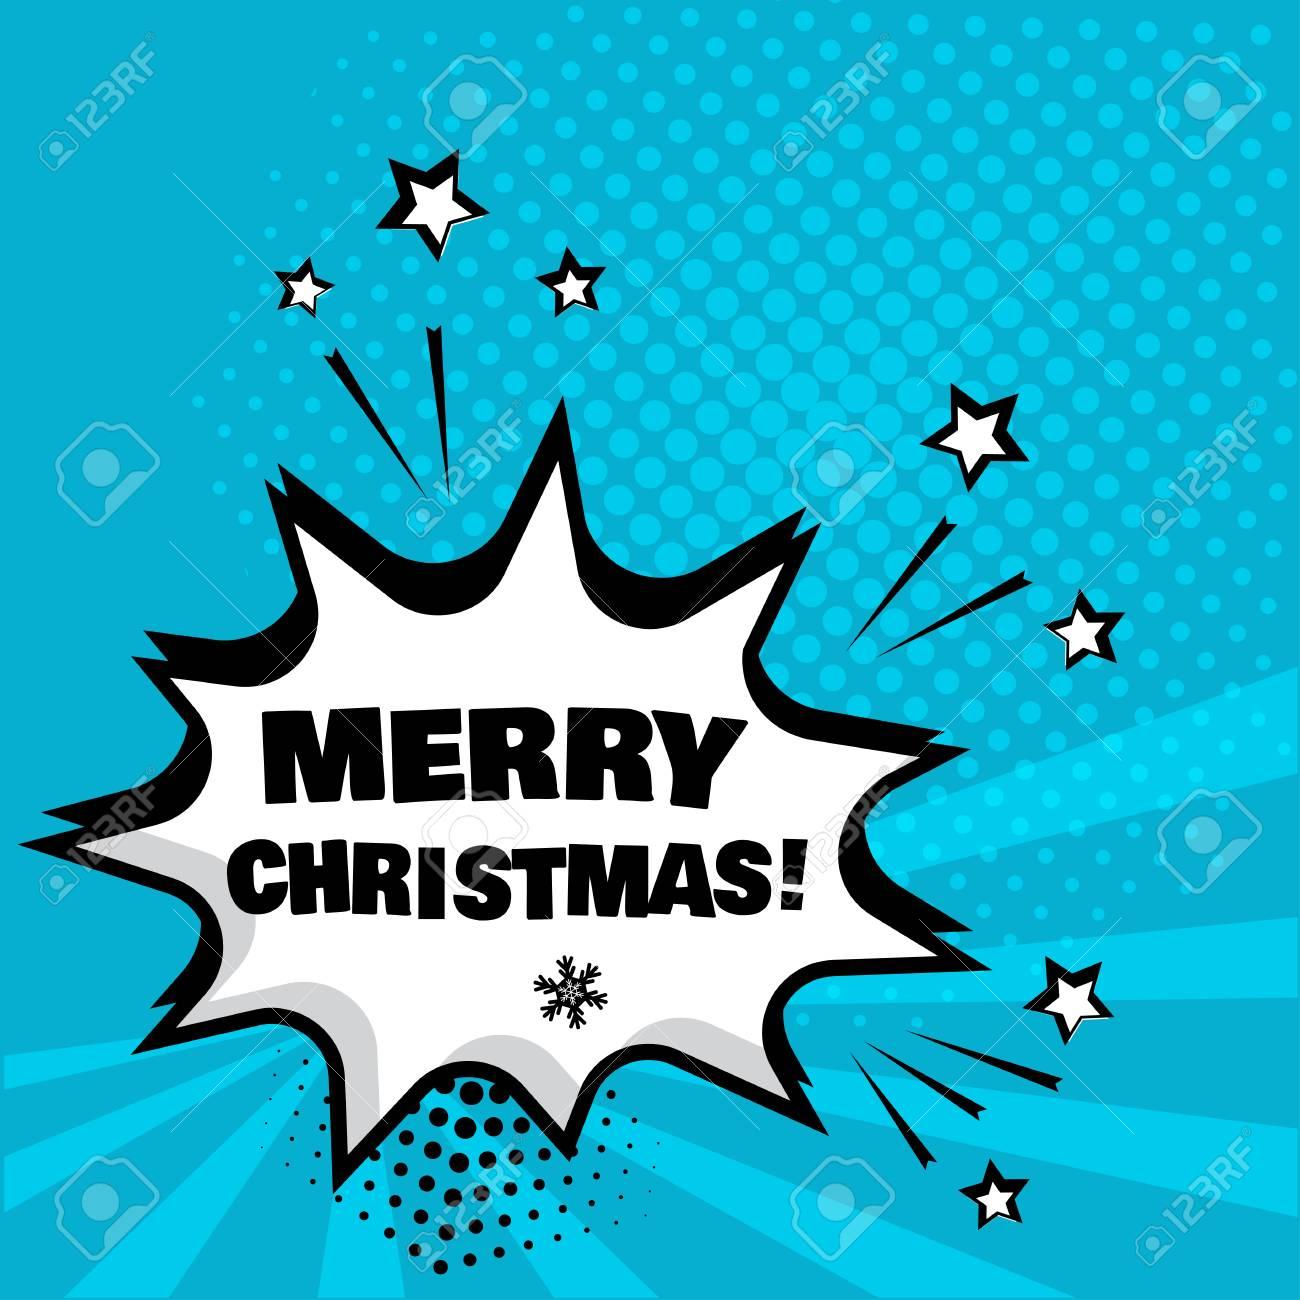 Weiße Komische Blase Mit MERRY CHRISTMAS-Wort Auf Blauem Hintergrund ...